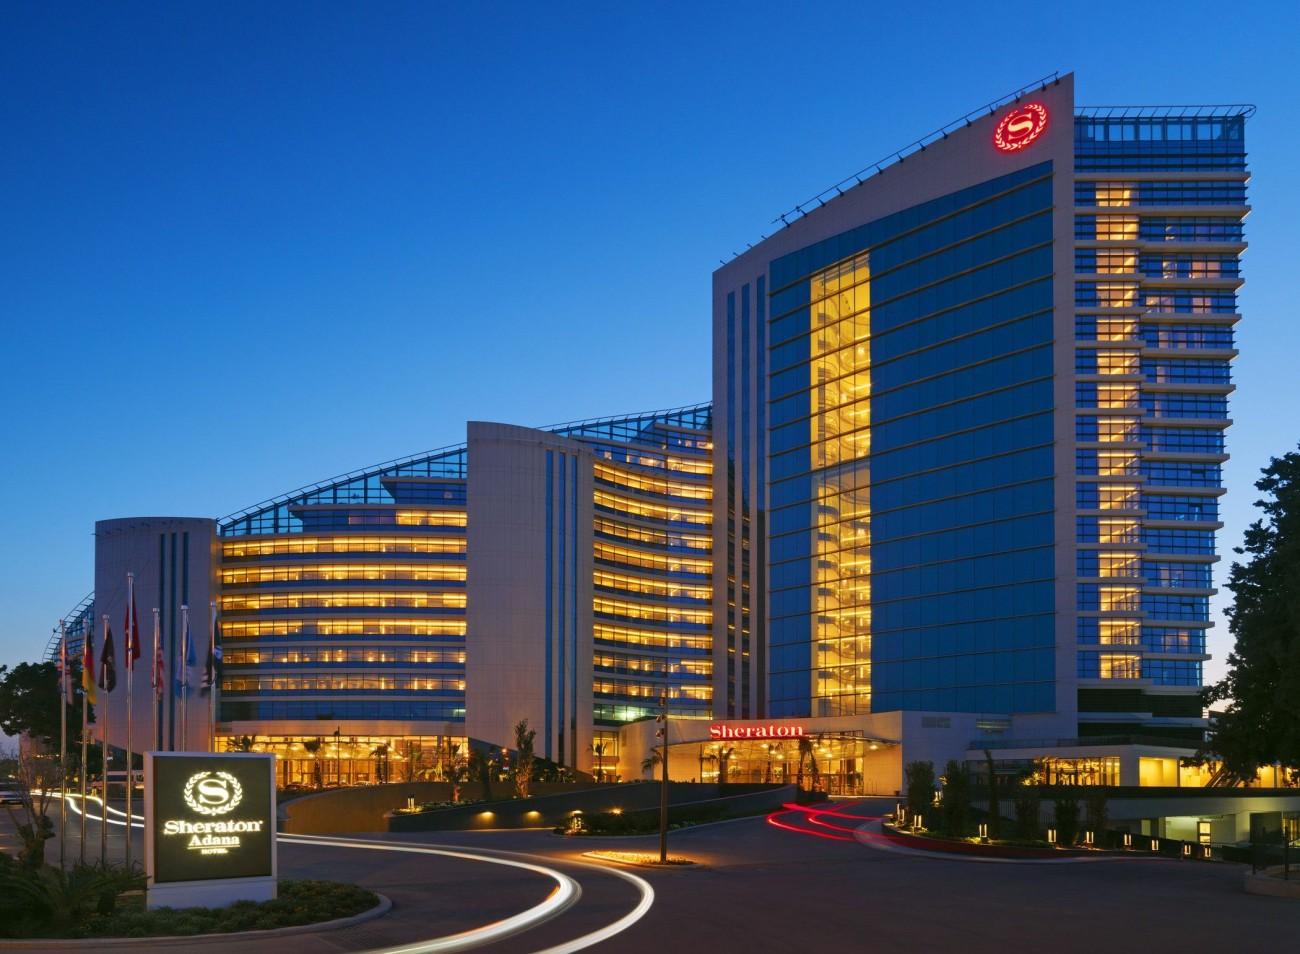 hoteles sheraton starwood